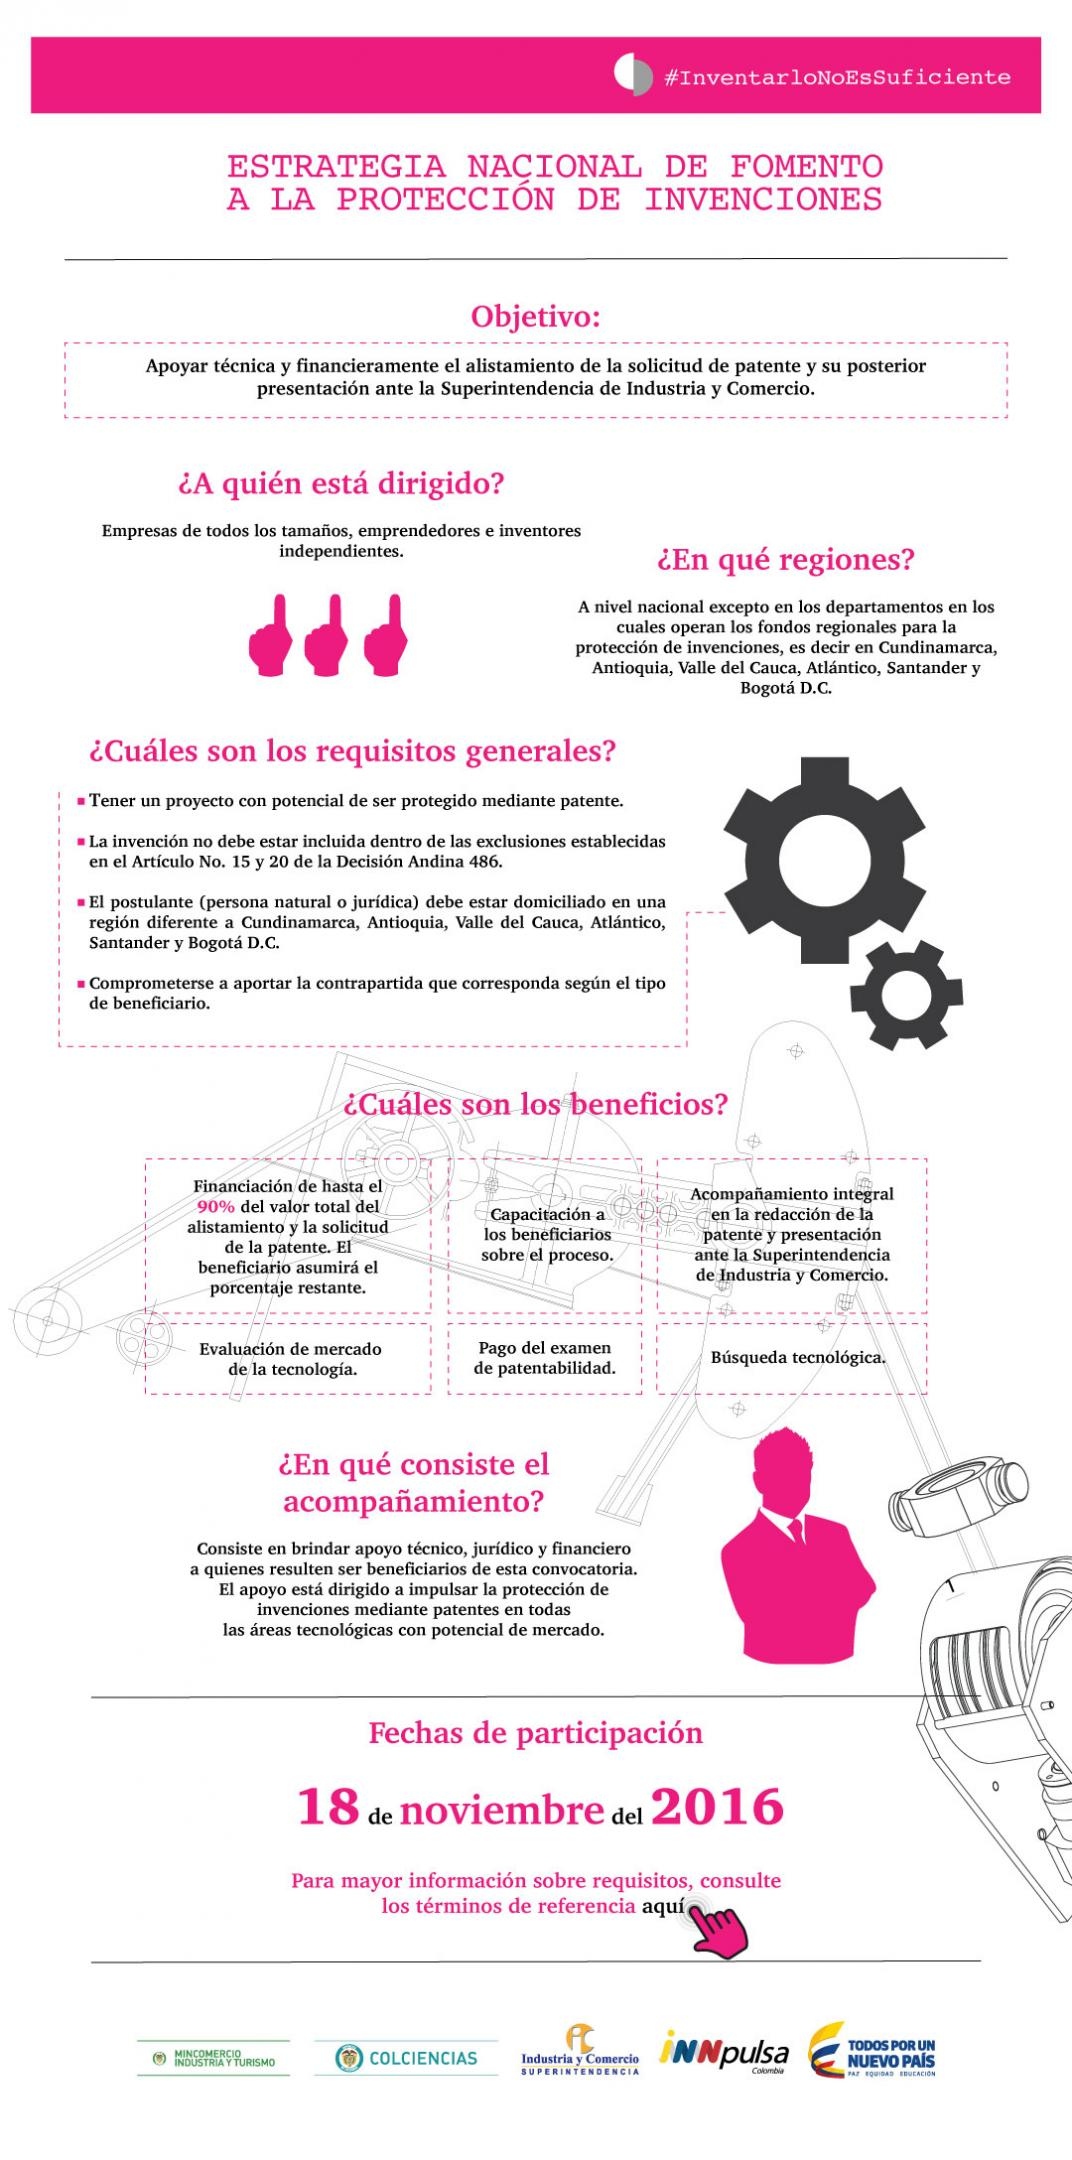 Infografía estrategia nacional de fomento a la protección de invenciones